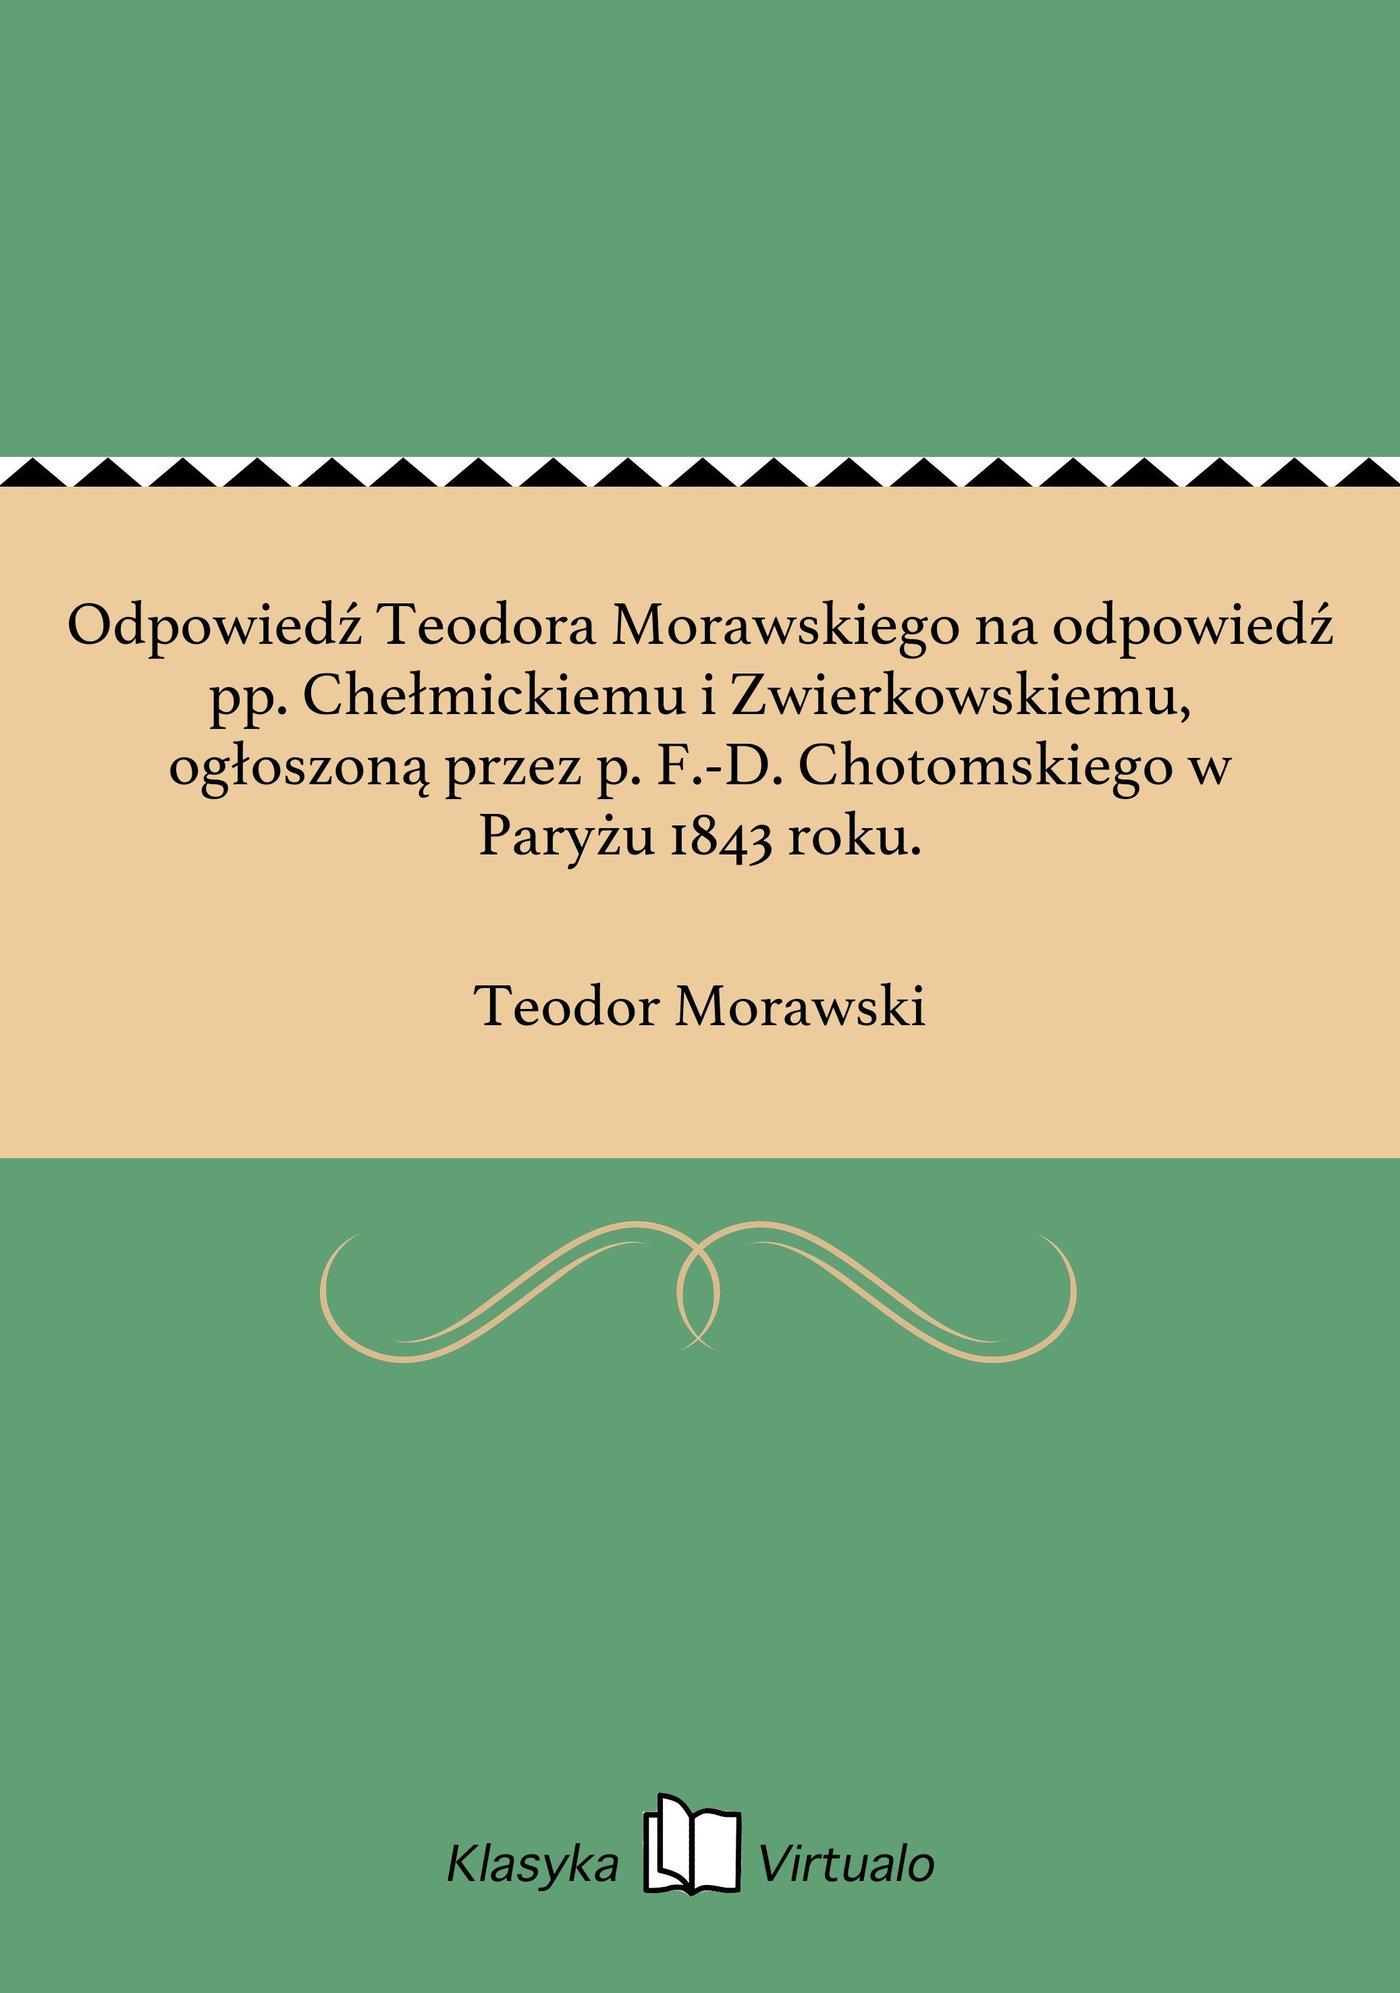 Odpowiedź Teodora Morawskiego na odpowiedź pp. Chełmickiemu i Zwierkowskiemu, ogłoszoną przez p. F.-D. Chotomskiego w Paryżu 1843 roku. - Ebook (Książka EPUB) do pobrania w formacie EPUB